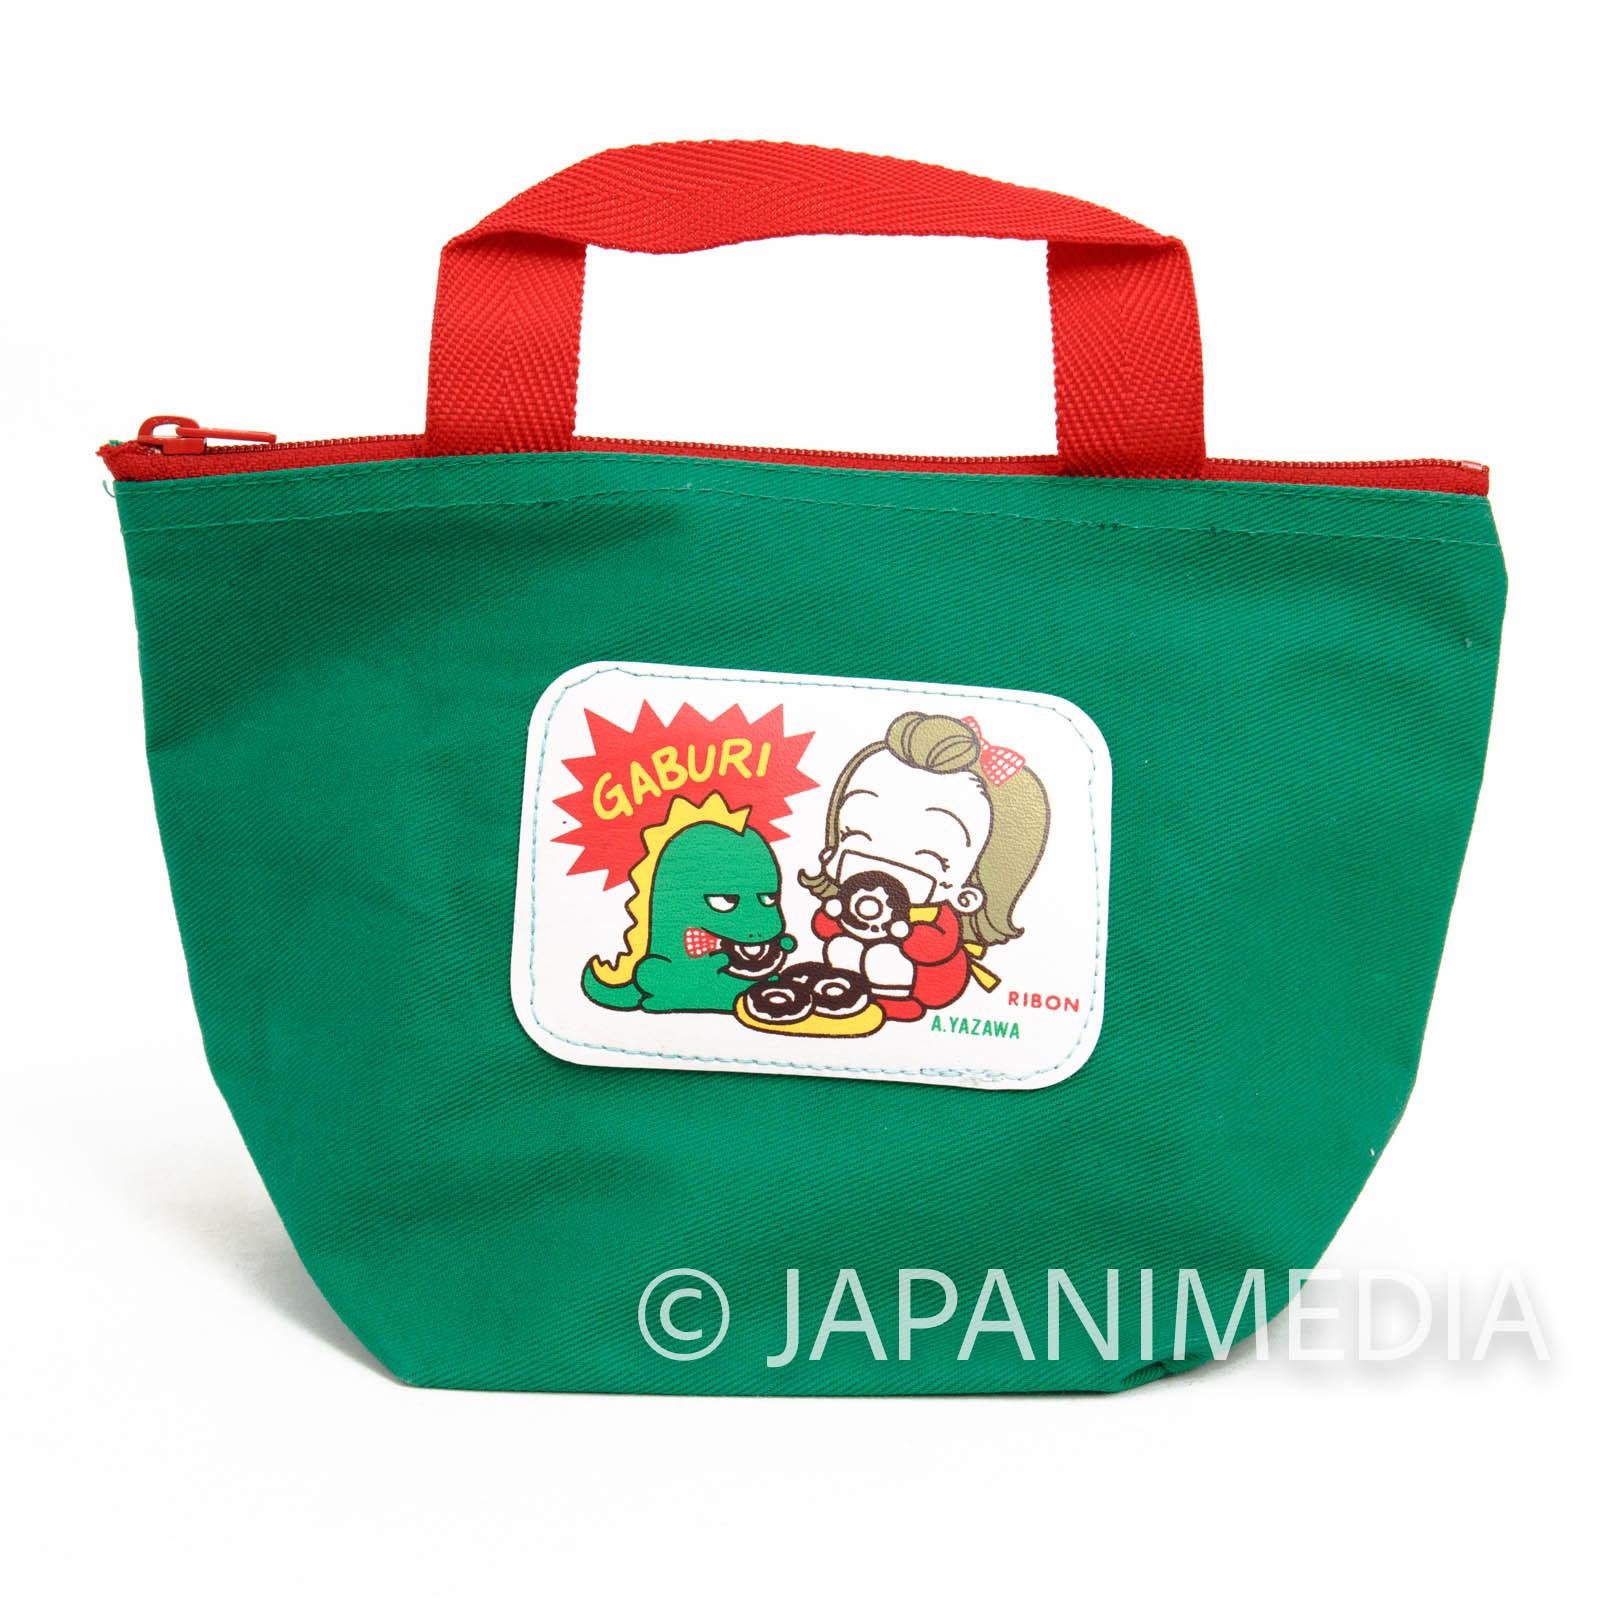 Retro RARE! Tenshi Nanka ja Nai Midori & Sudo Zaurus Mini Bag RIBON JAPAN MANGA